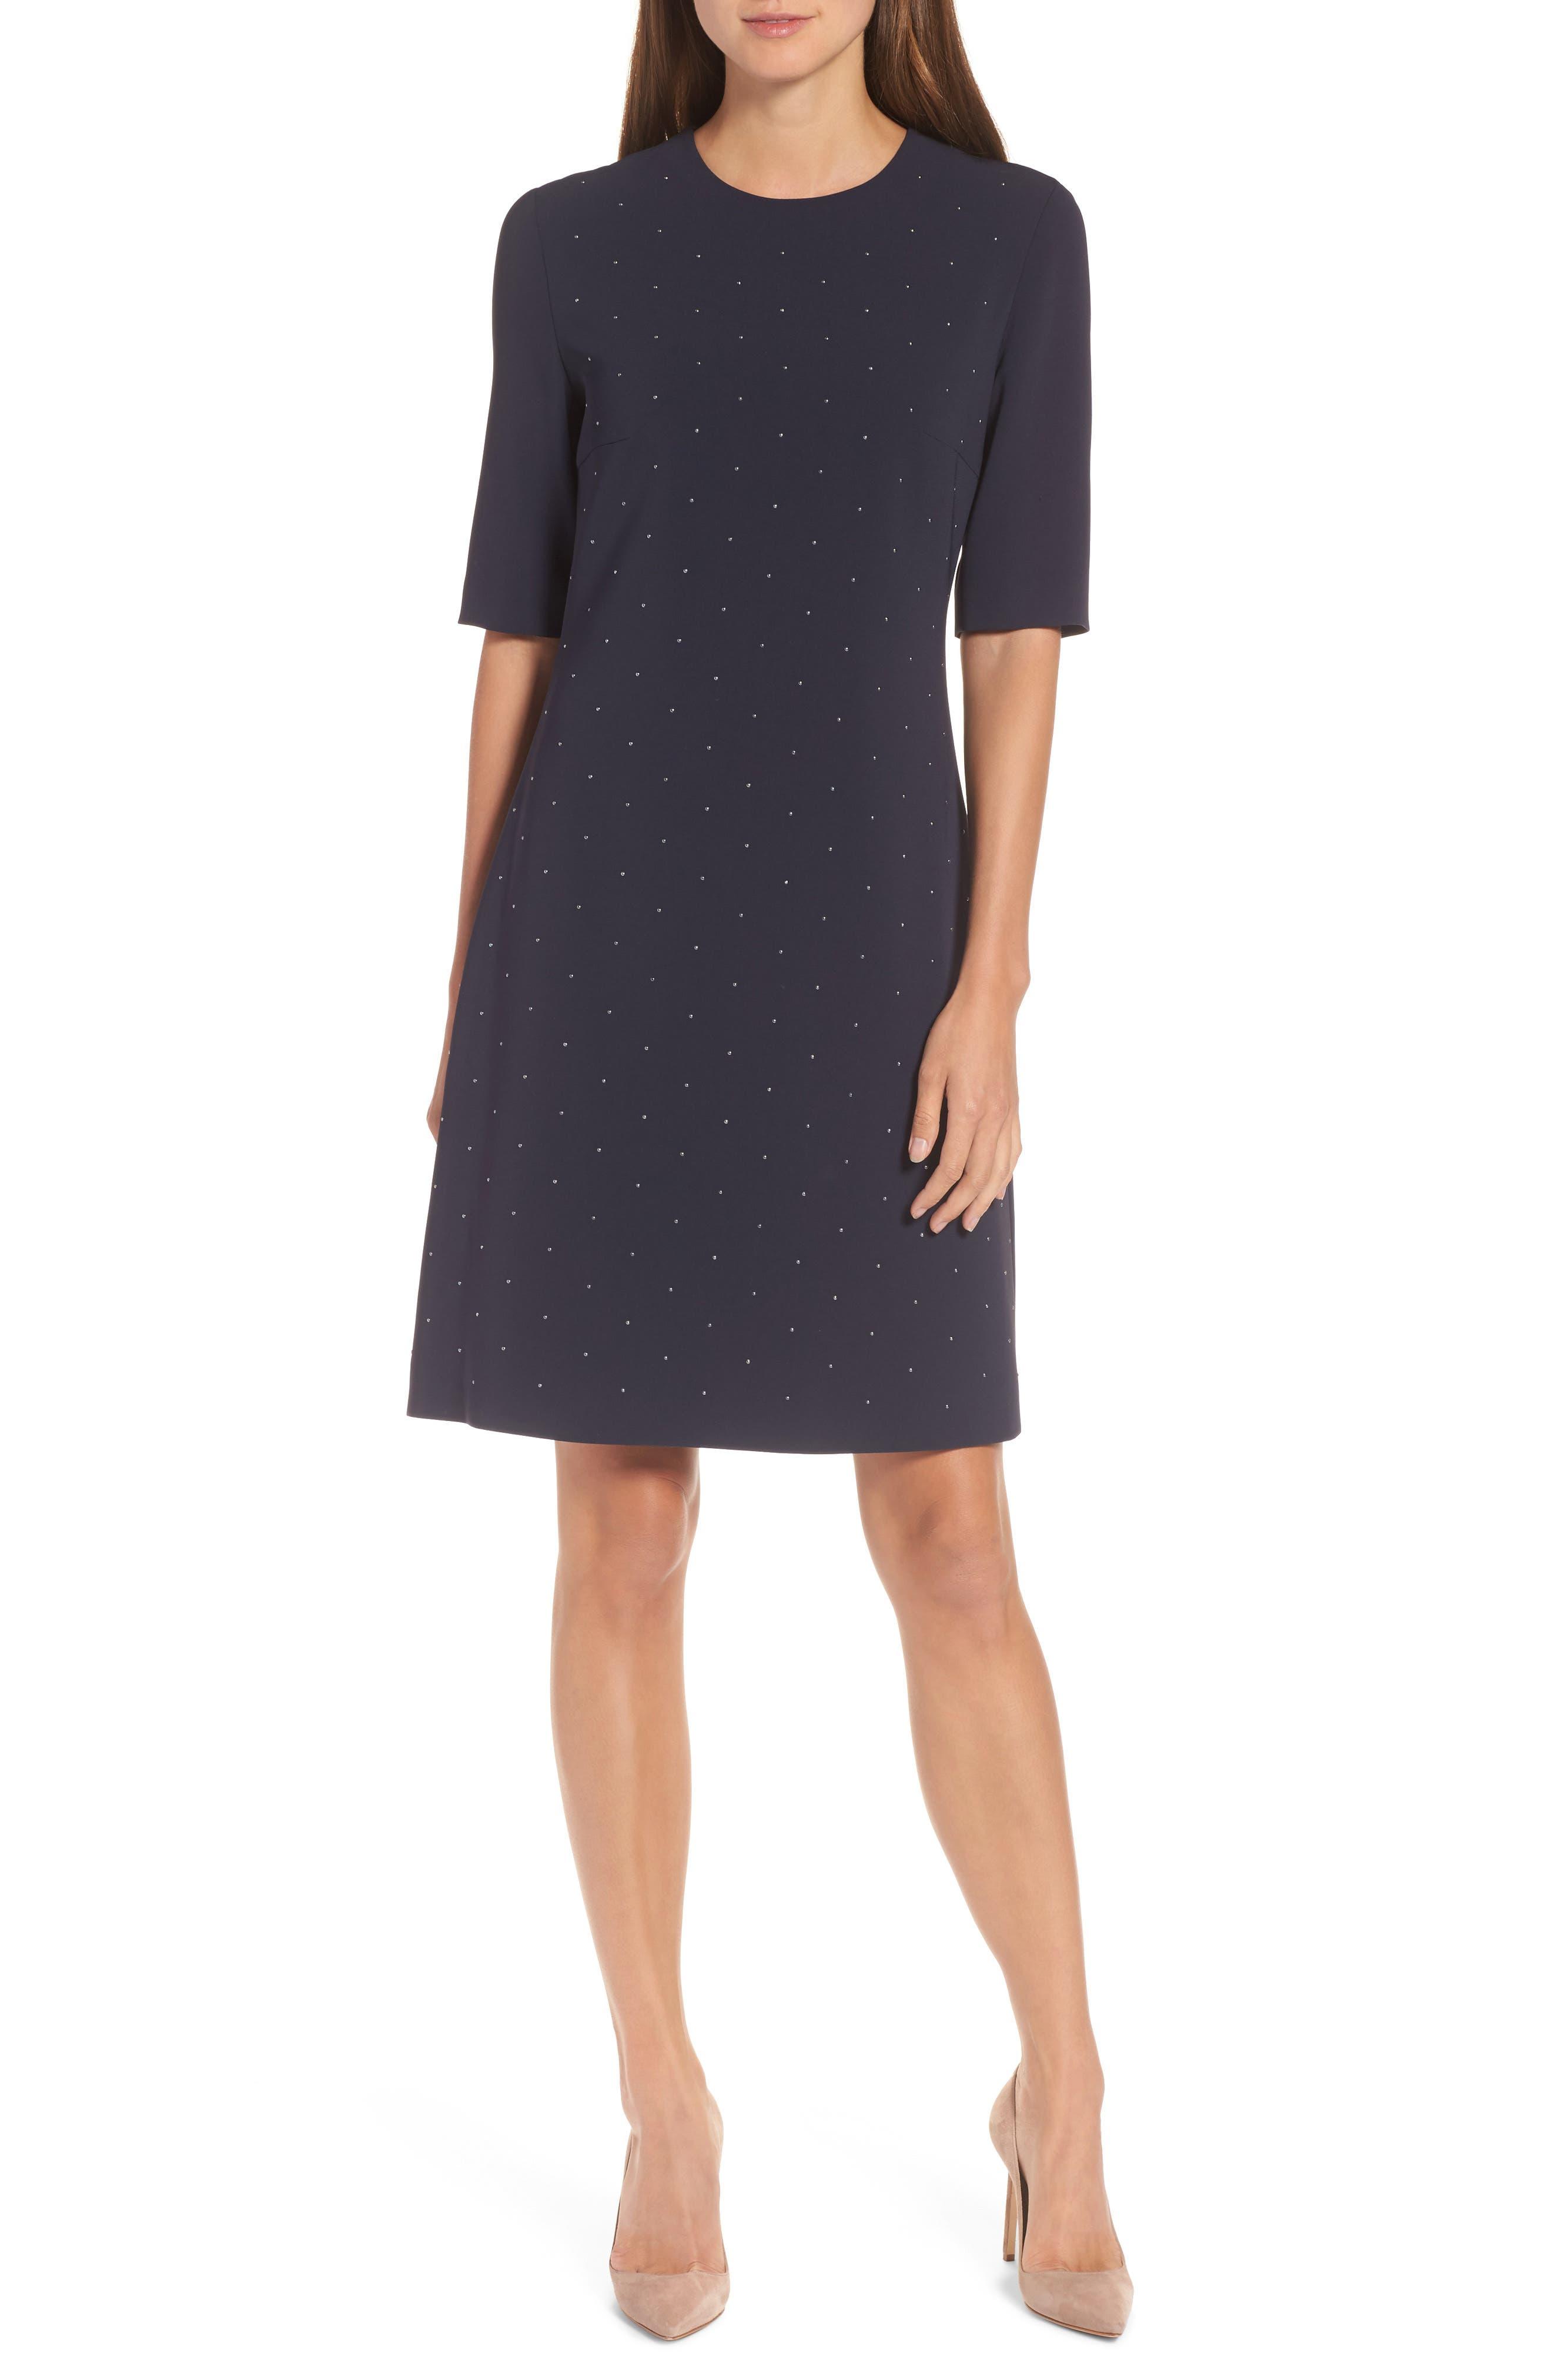 Durasia Embellished A-Line Dress,                         Main,                         color, Navy